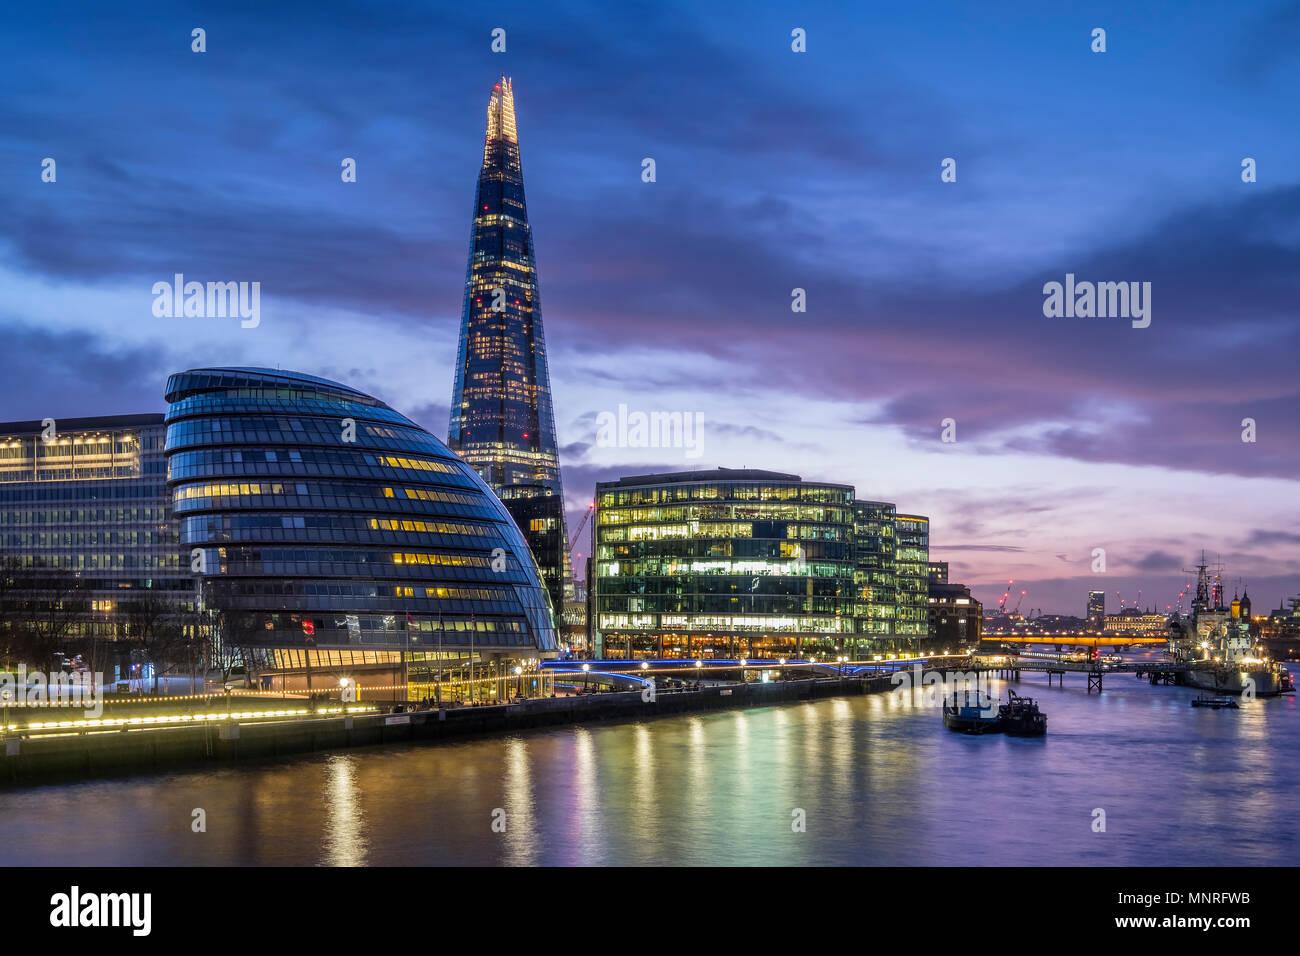 Rathaus, den Shard und die Themse bei Nacht, London, England, Großbritannien Stockbild